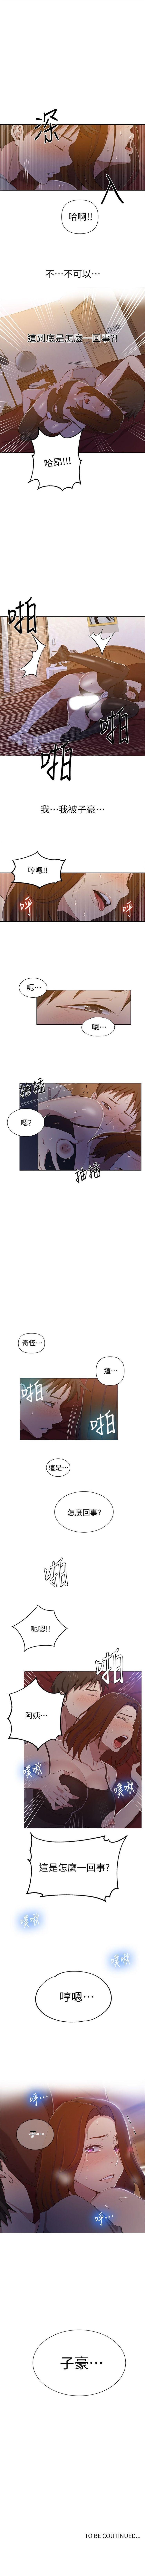 秘密教學  1-63 官方中文(連載中) 263